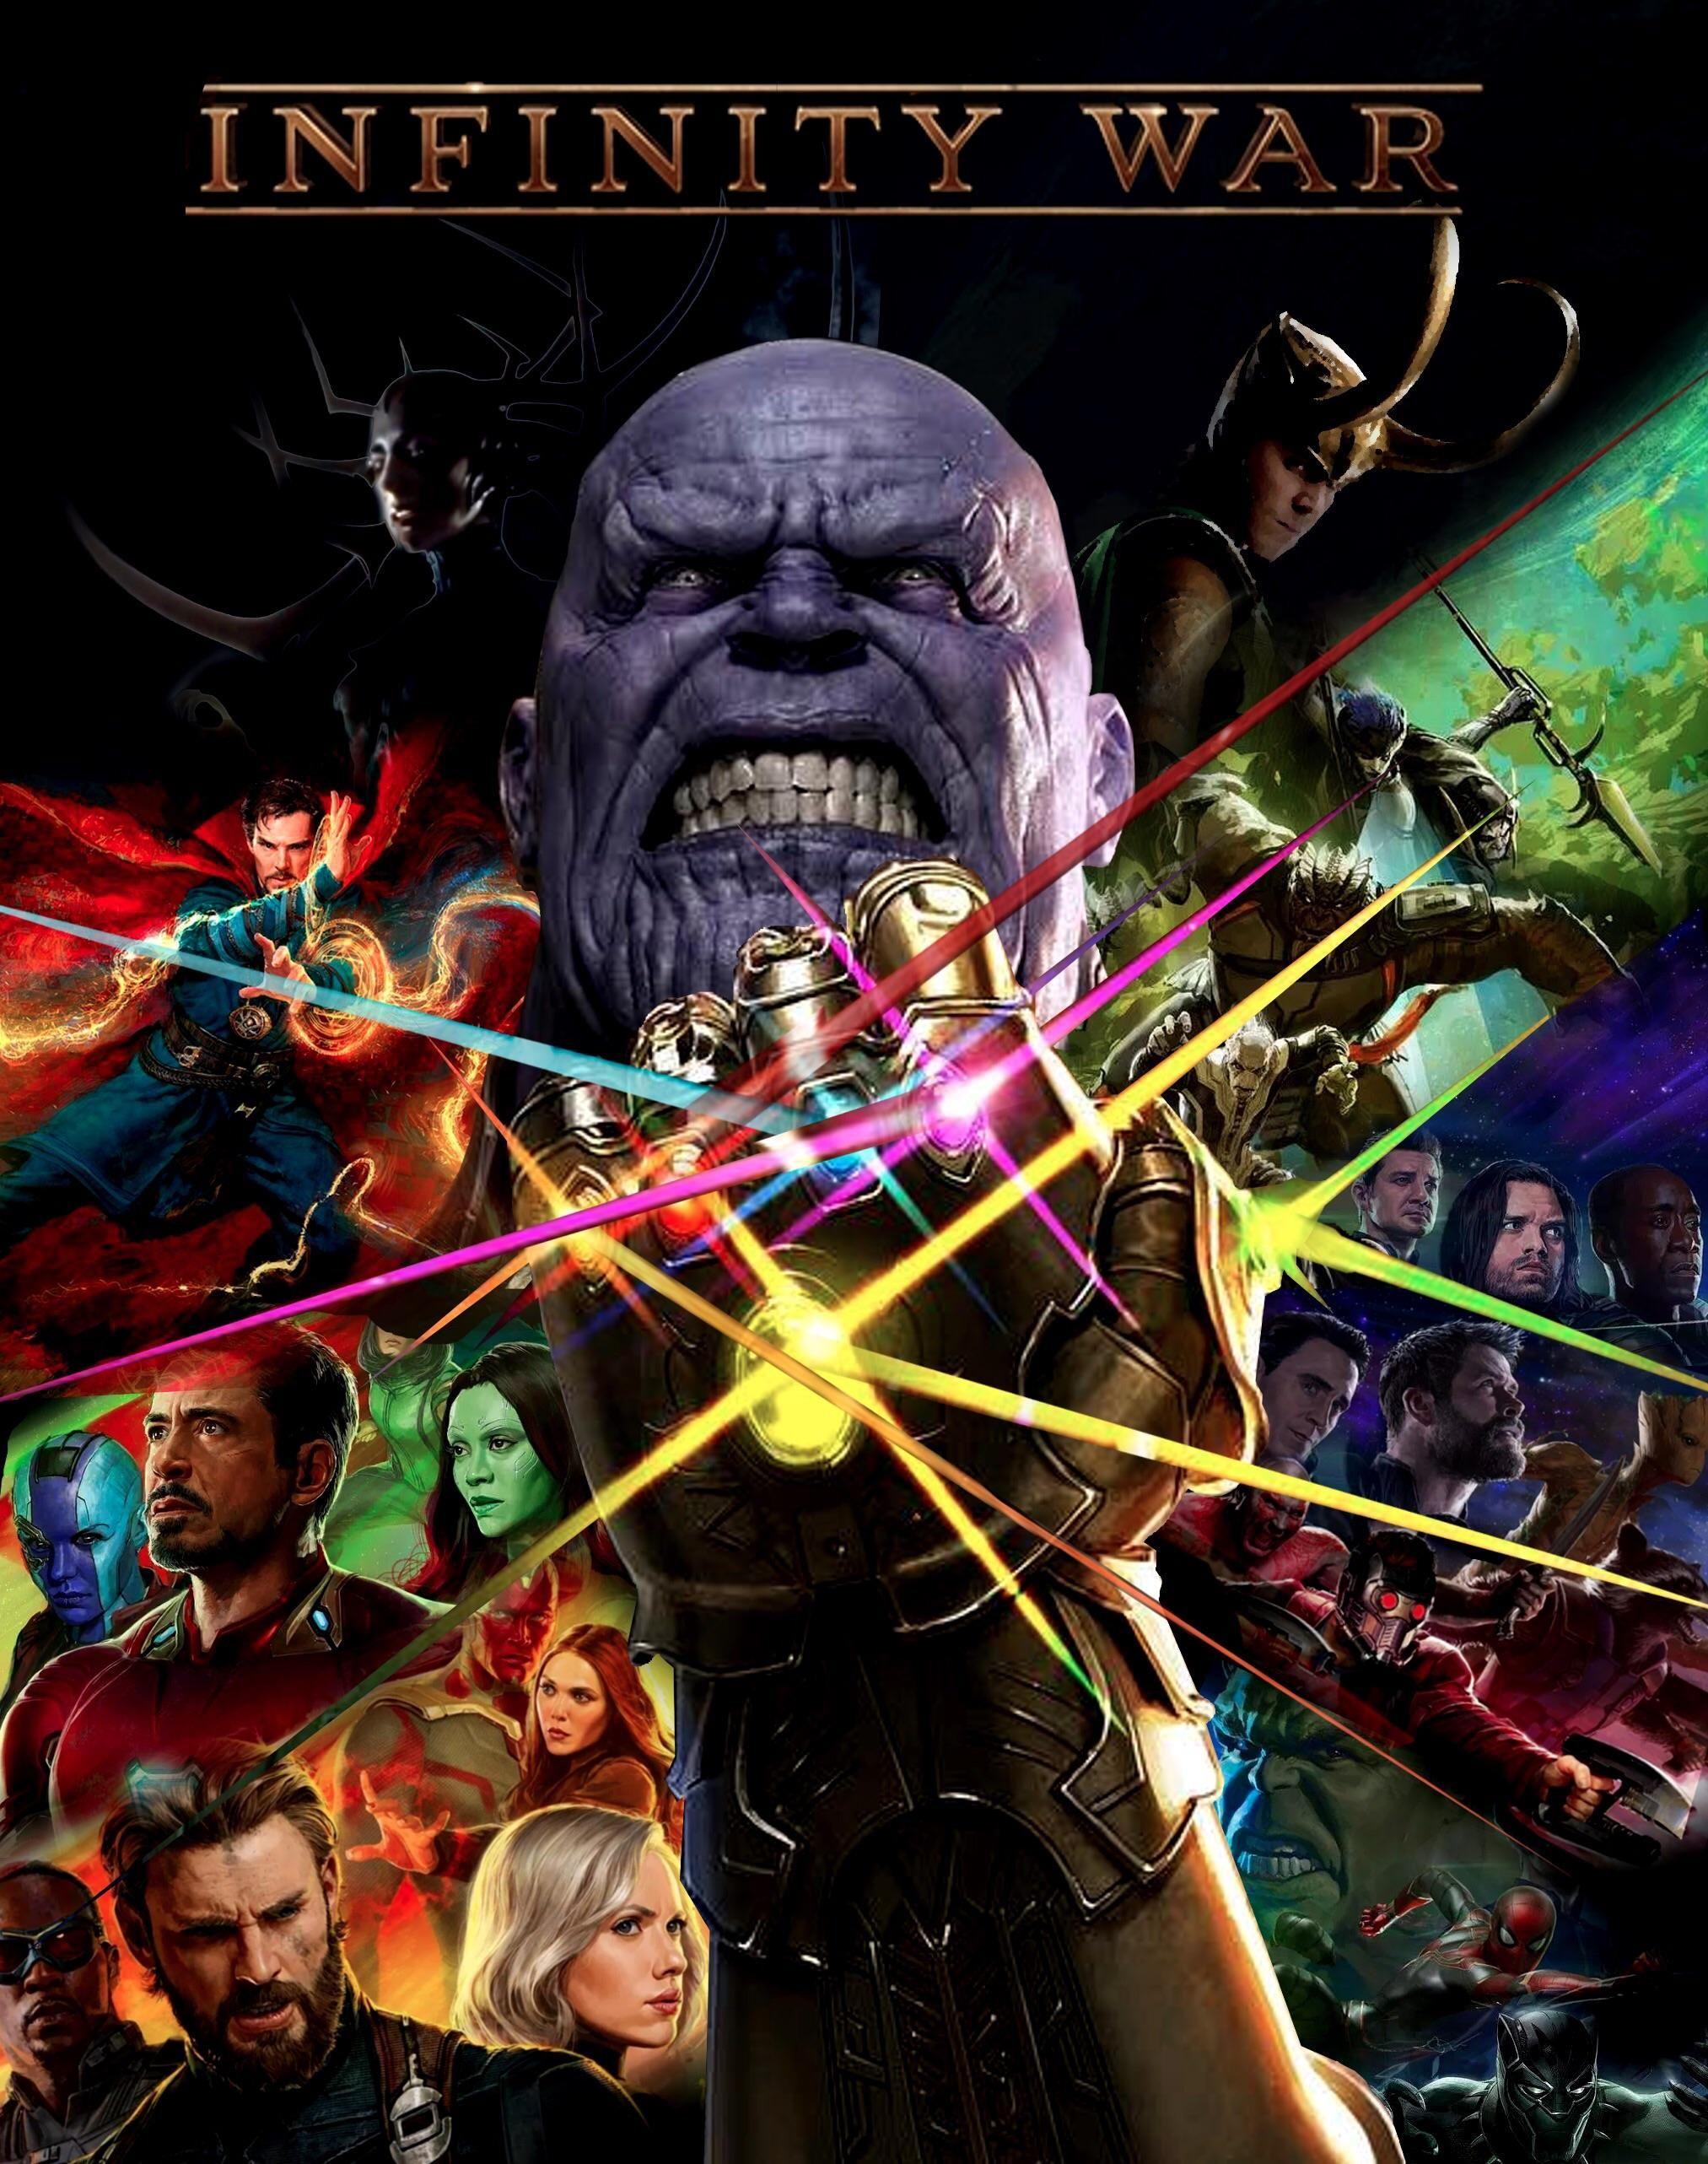 Avengers infinity war comics infinity war peliculas - Descargar infinity war ...